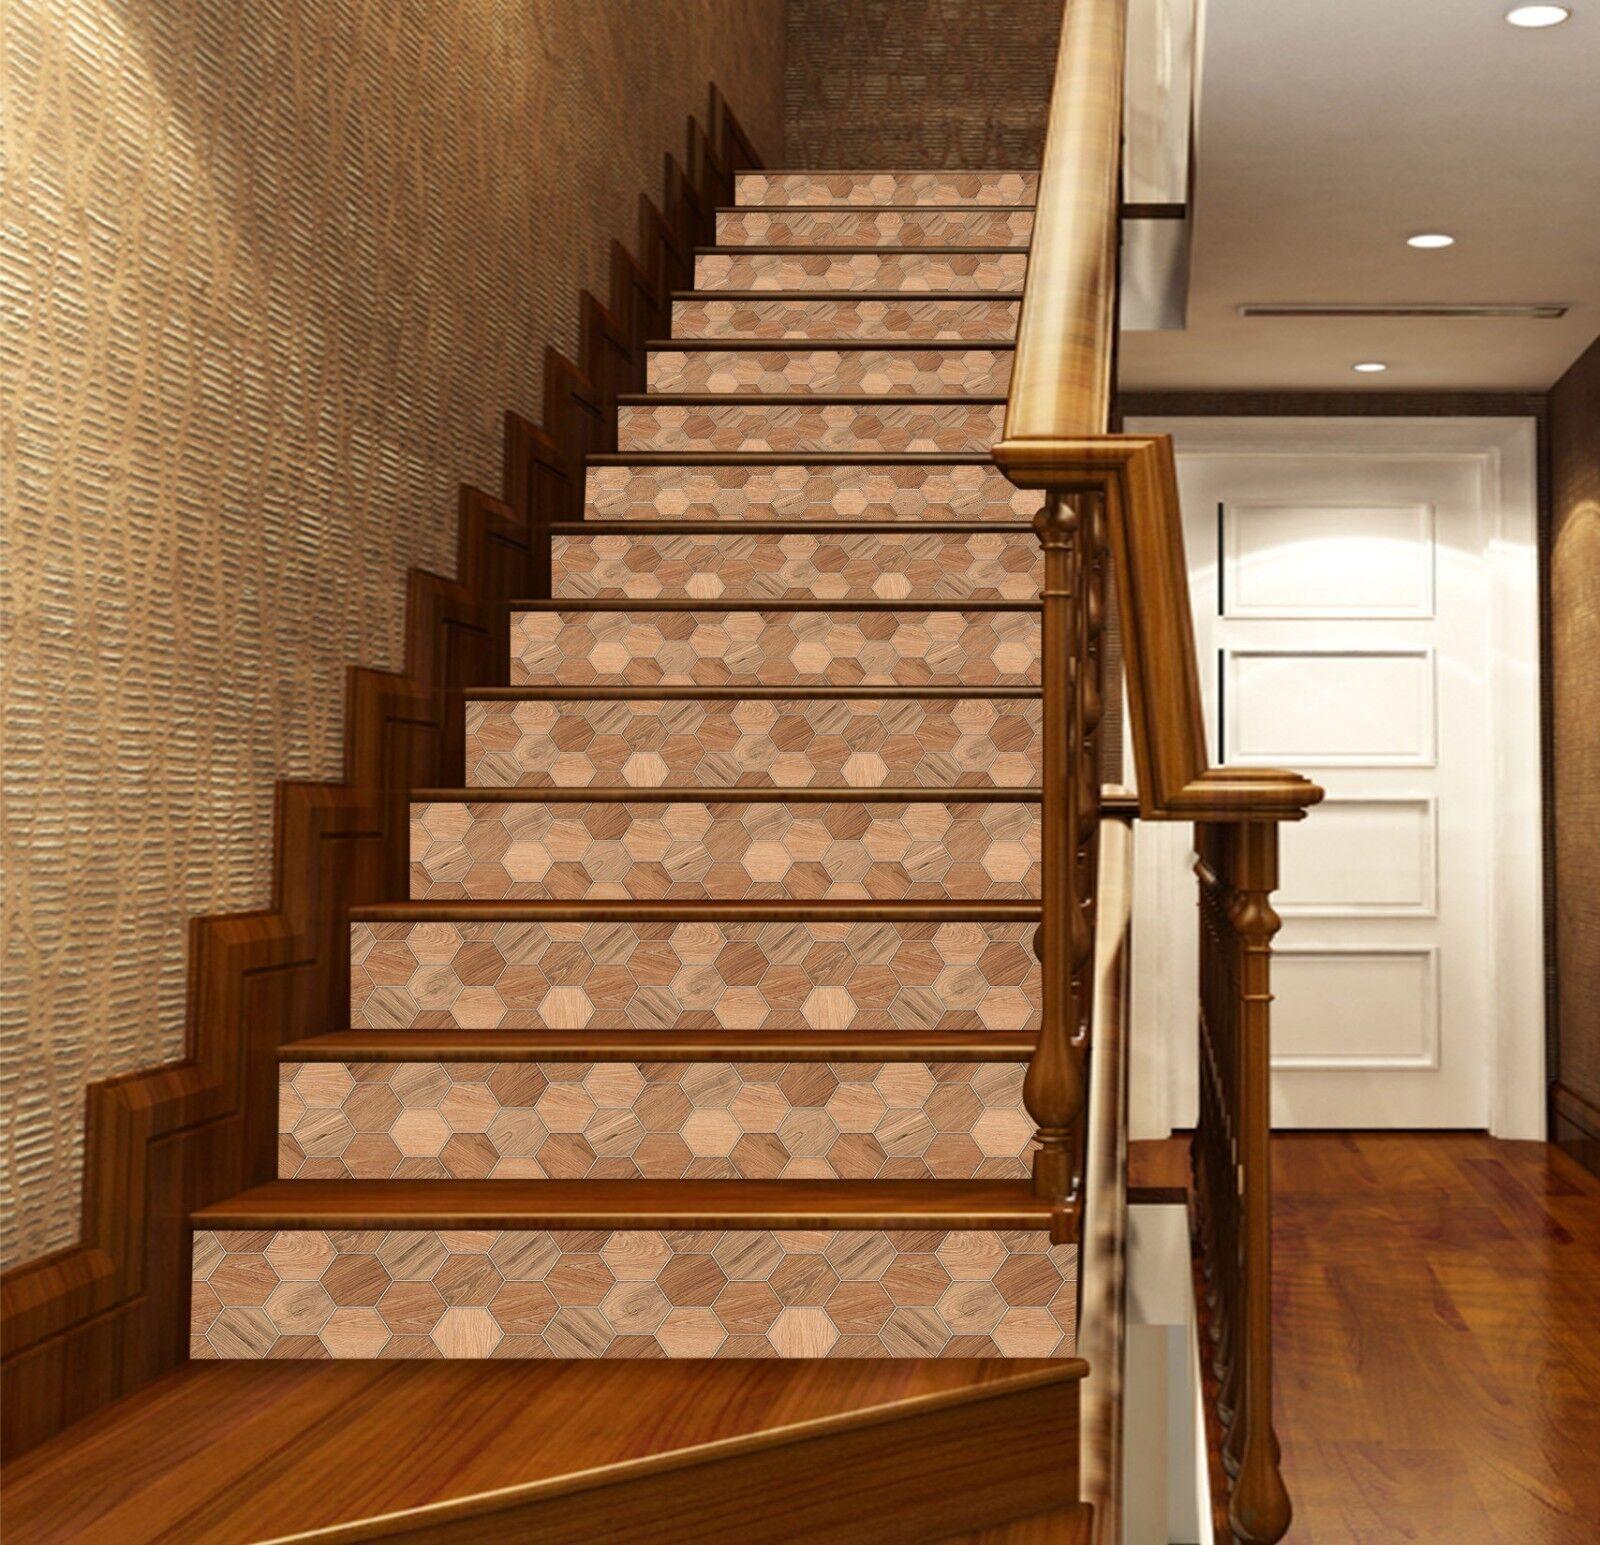 3D Hexagonal Holz 8 Fliese Marmor Stair Risers Fototapete Vinyl Aufkleber Tapete